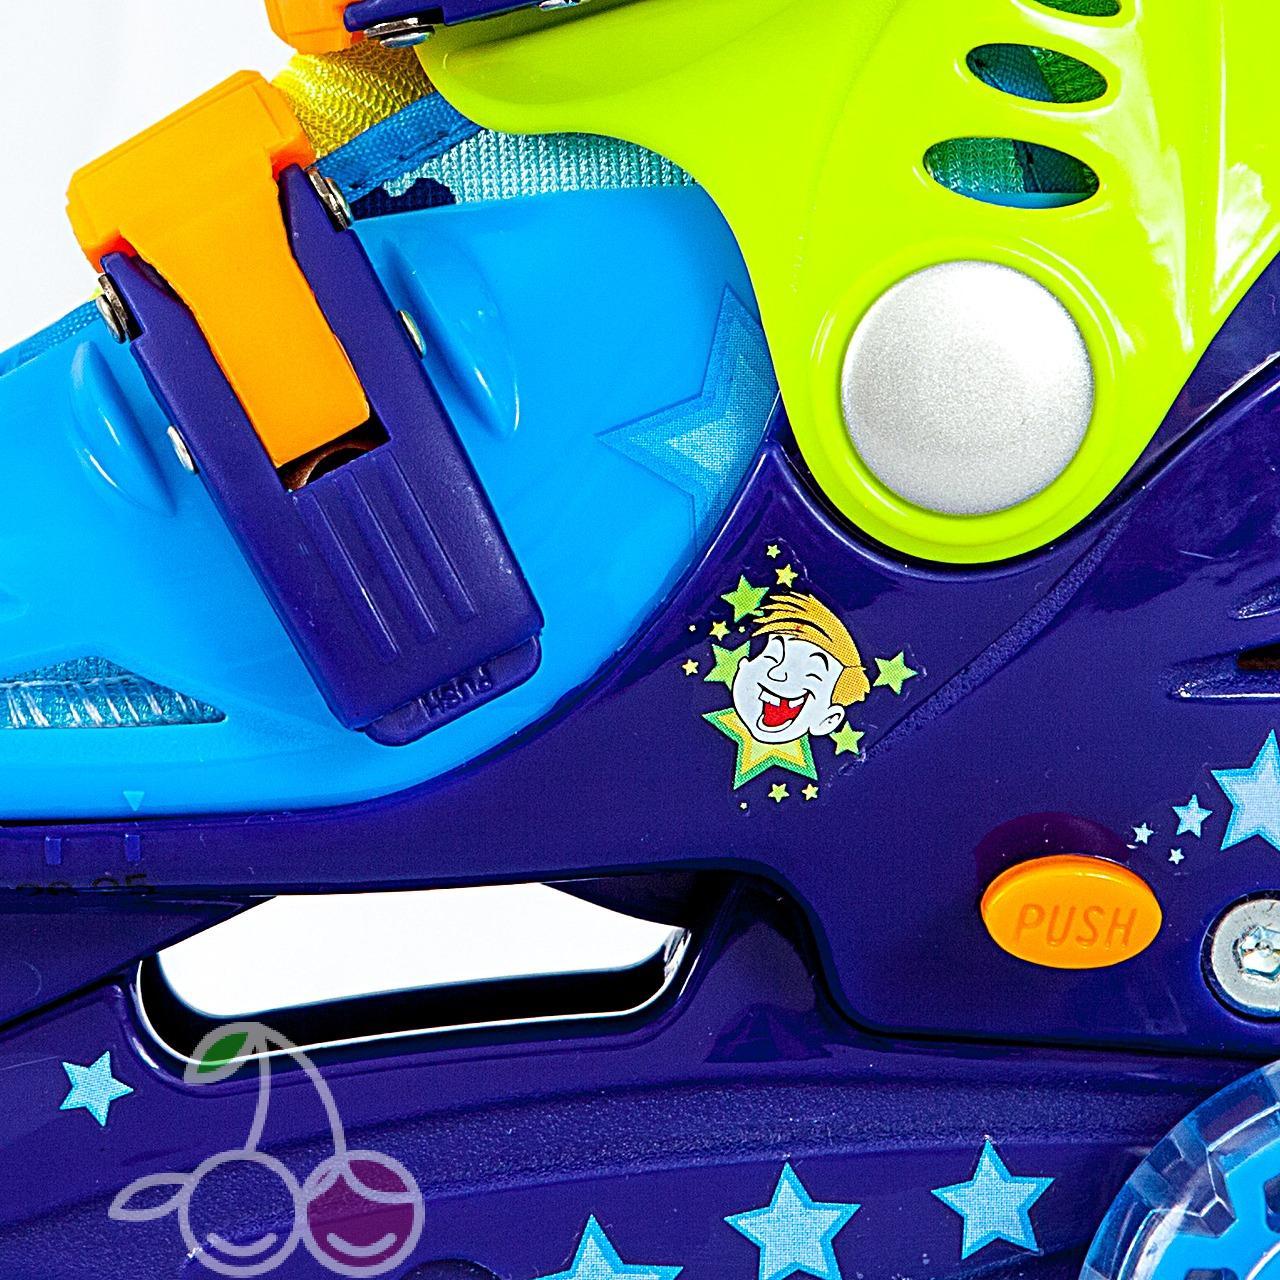 Роликовые коньки детские 26 размер, для обучения (трехколесные, раздвижной ботинок) MagicWheels зеленые, - фото 2